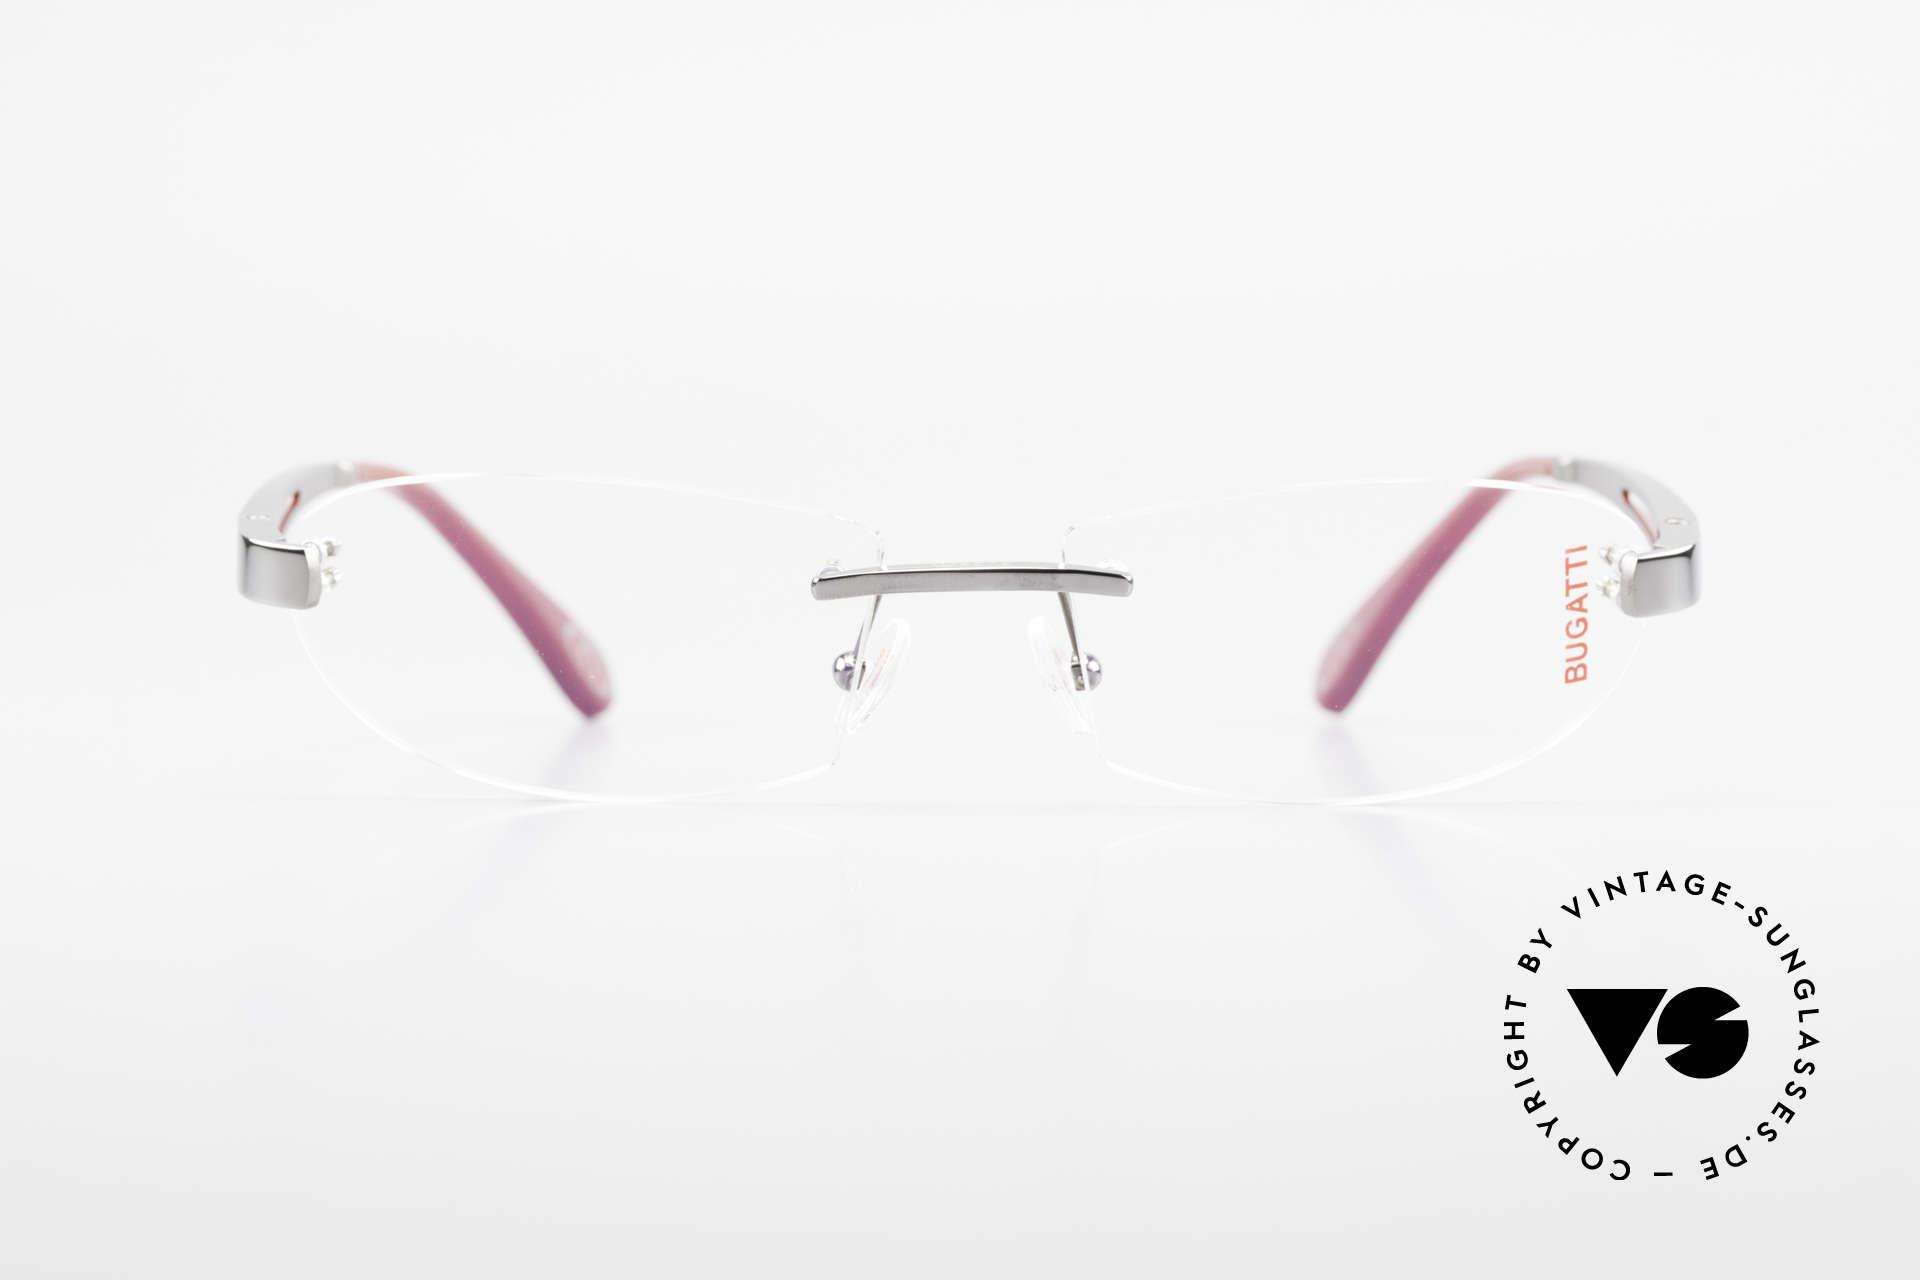 Bugatti 516 Rimless Eyeglasses For Men, sporty frame and lens design ... striking masculine, Made for Men